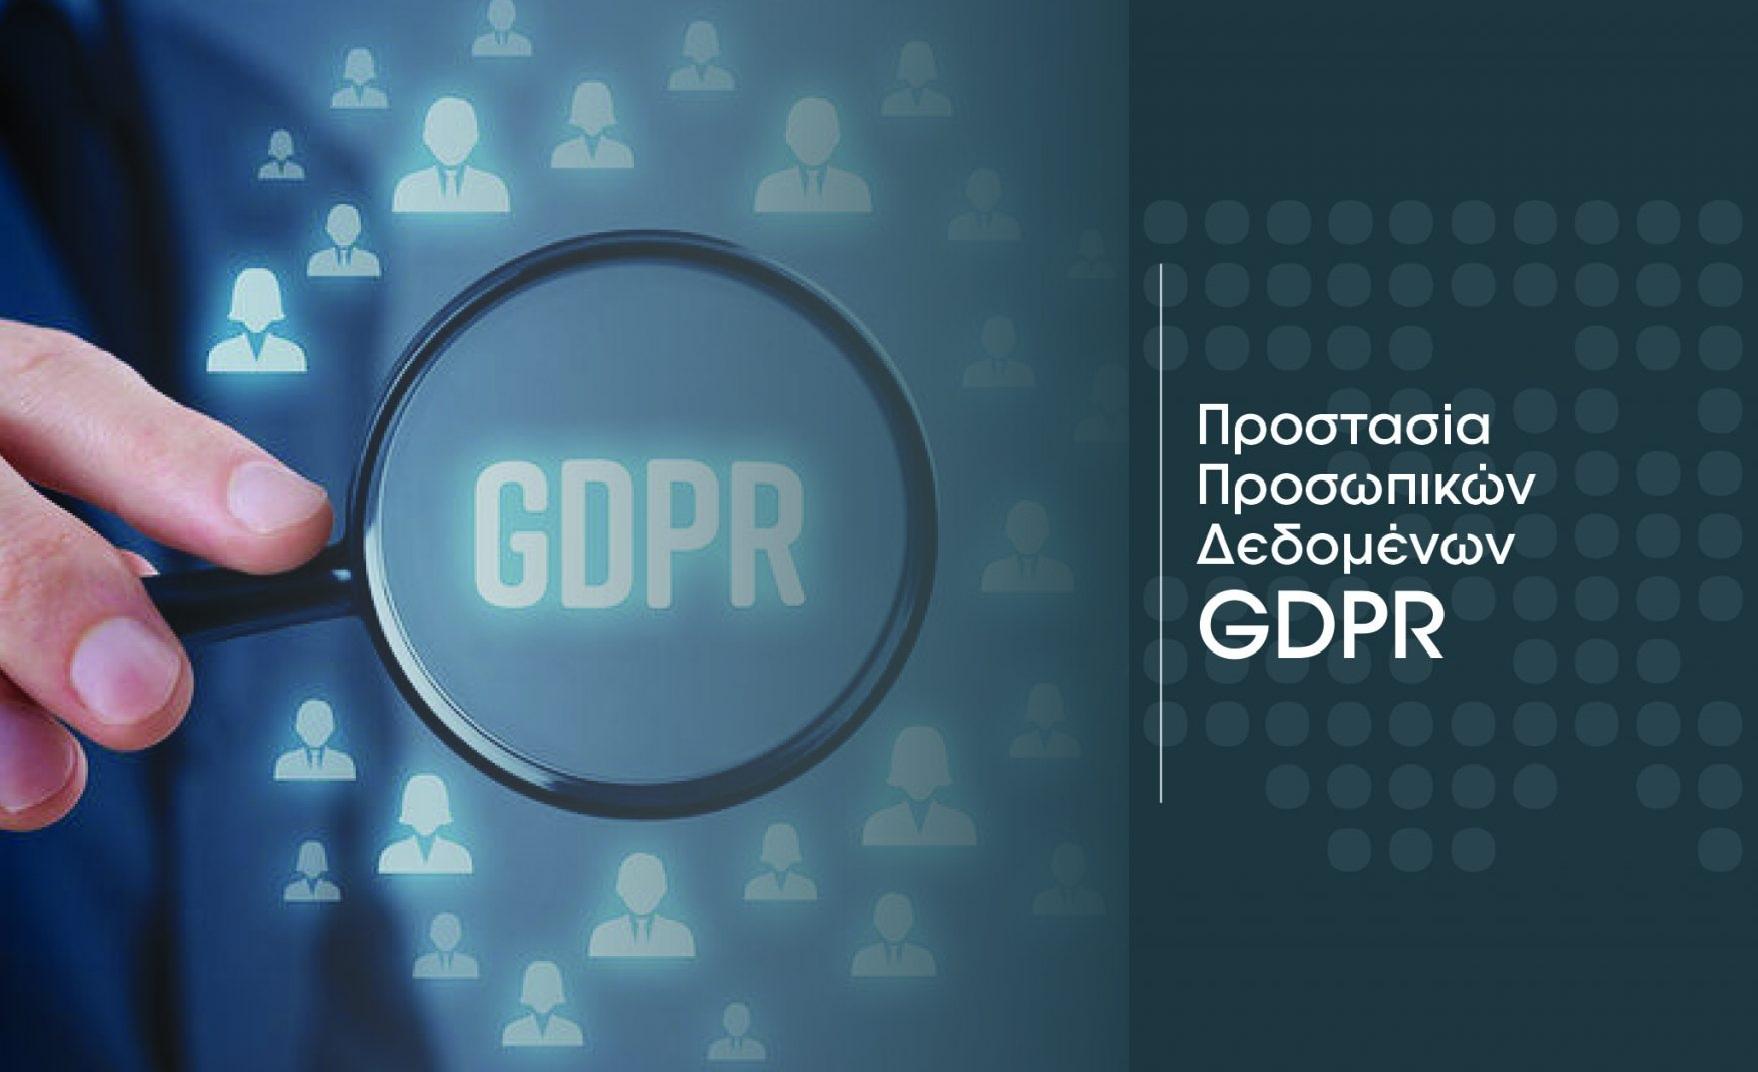 Αρχή Προστασίας Δεδομένων Προσωπικού Χαρακτήρα  Παντελής έλλειψη  συμμόρφωσης με τον Γενικό Κανονισμό GDPR 2b64ba1a944